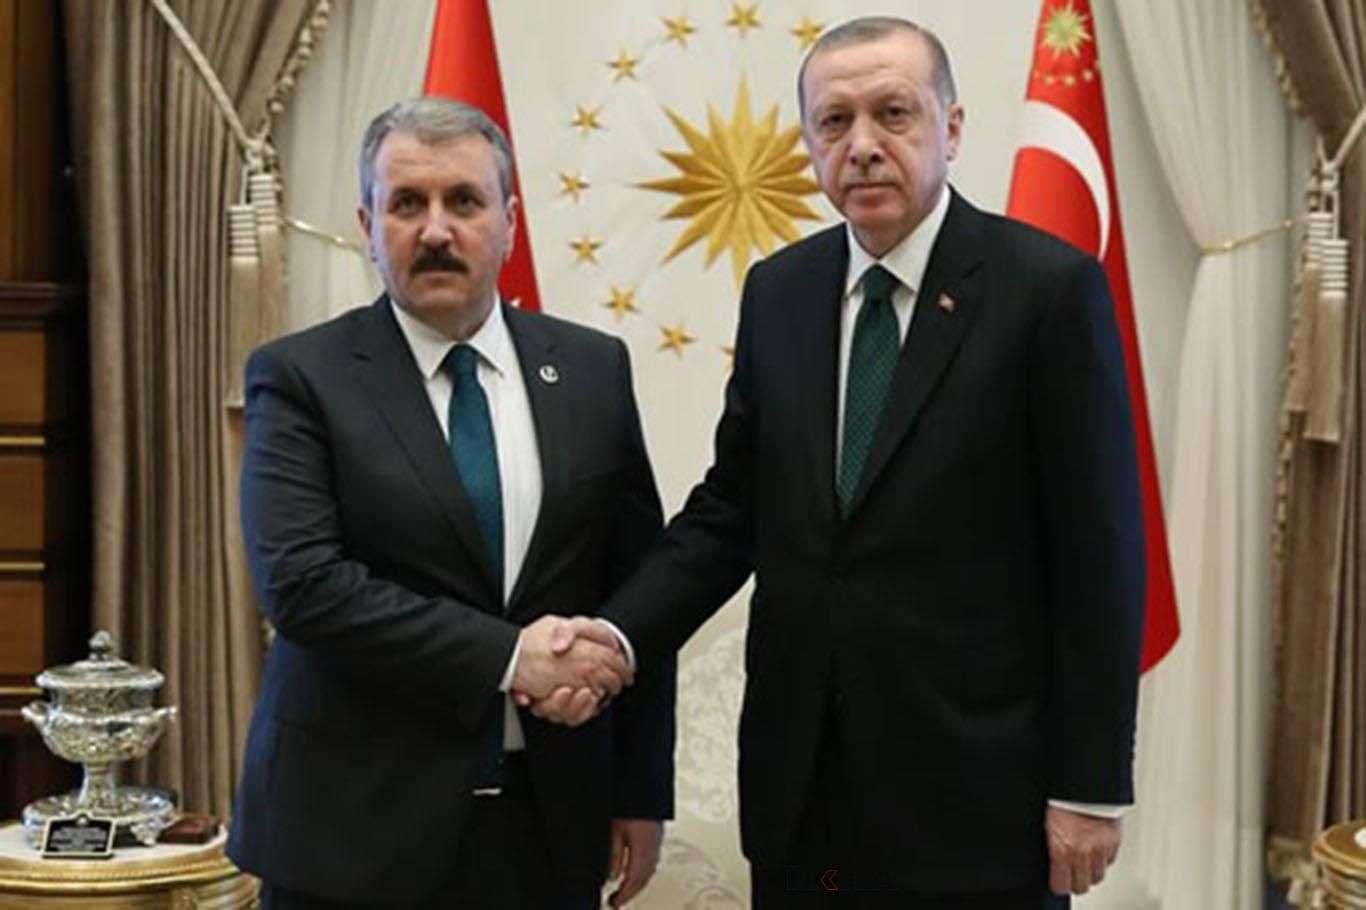 Cumhurbaşkanı Erdoğan, BBP Genel Başkanlığına yeniden seçilen Desticiyi kutladı